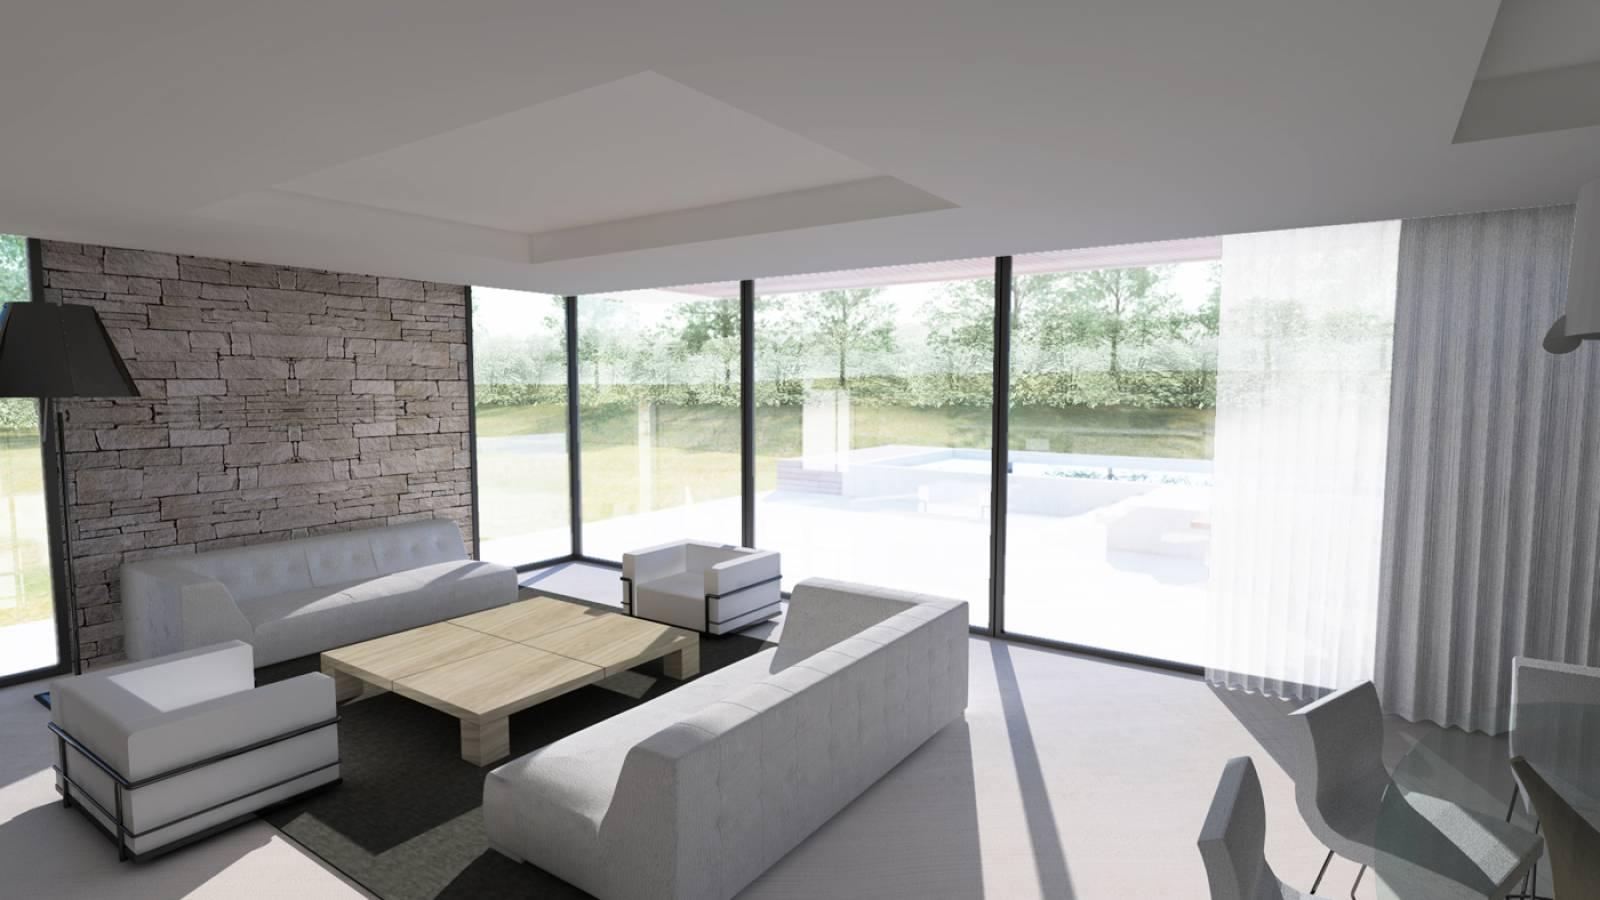 Interieur Maison Moderne Architecte maison contemporaine i en pays de gex dans l'ain